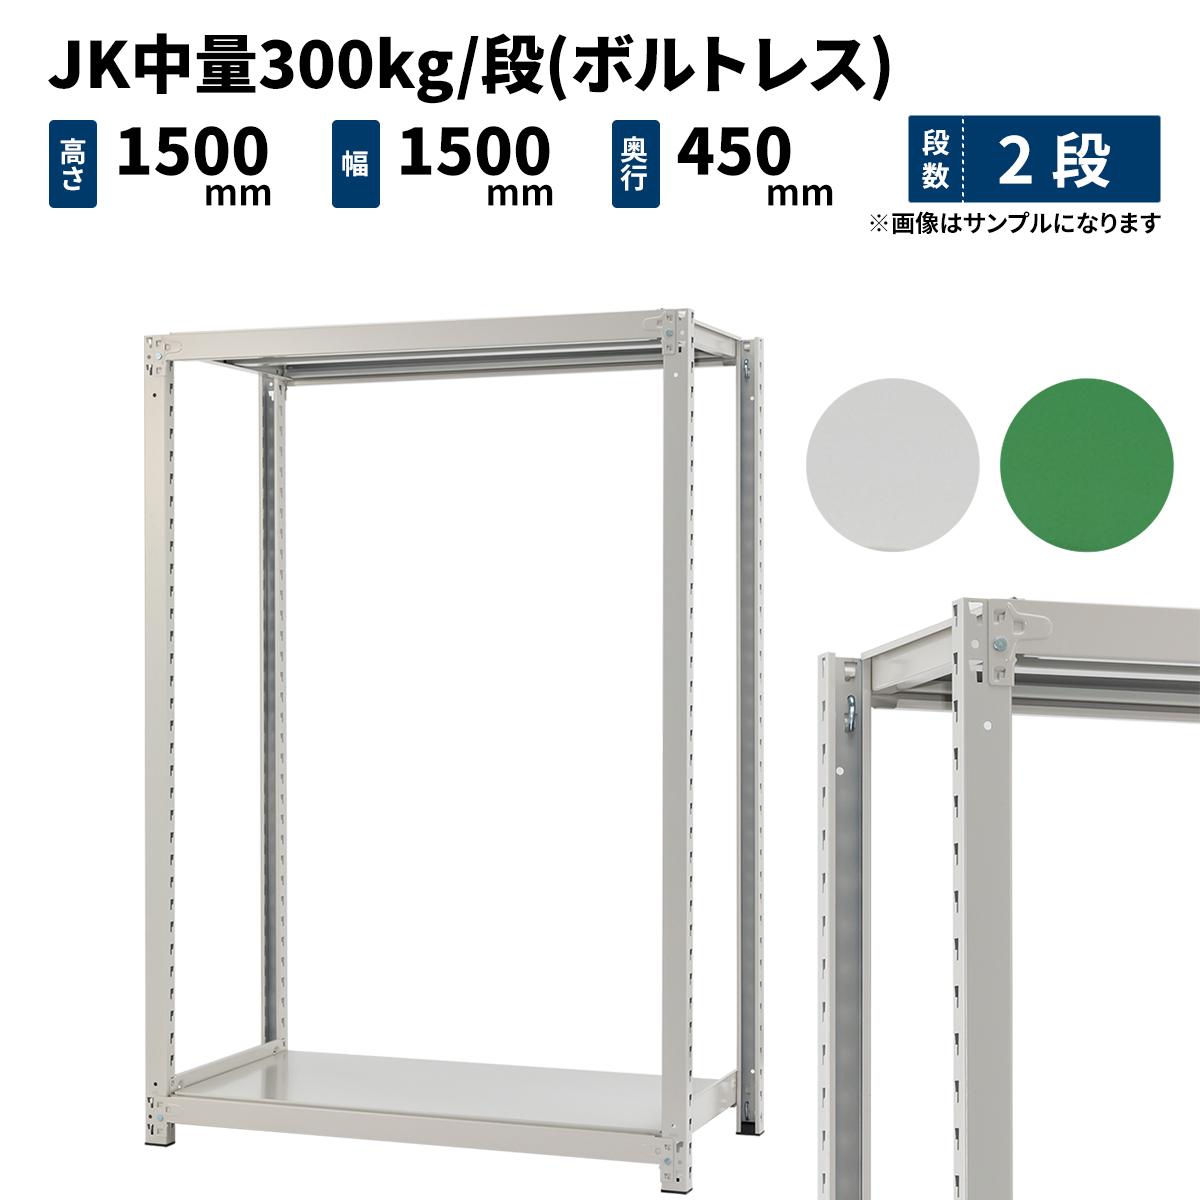 スチールラック 業務用 JK中量300kg/段(ボルトレス) 単体形式 高さ1500×幅1500×奥行450mm 2段 ホワイトグレー/グリーン (40kg) JK300_T-151545-2